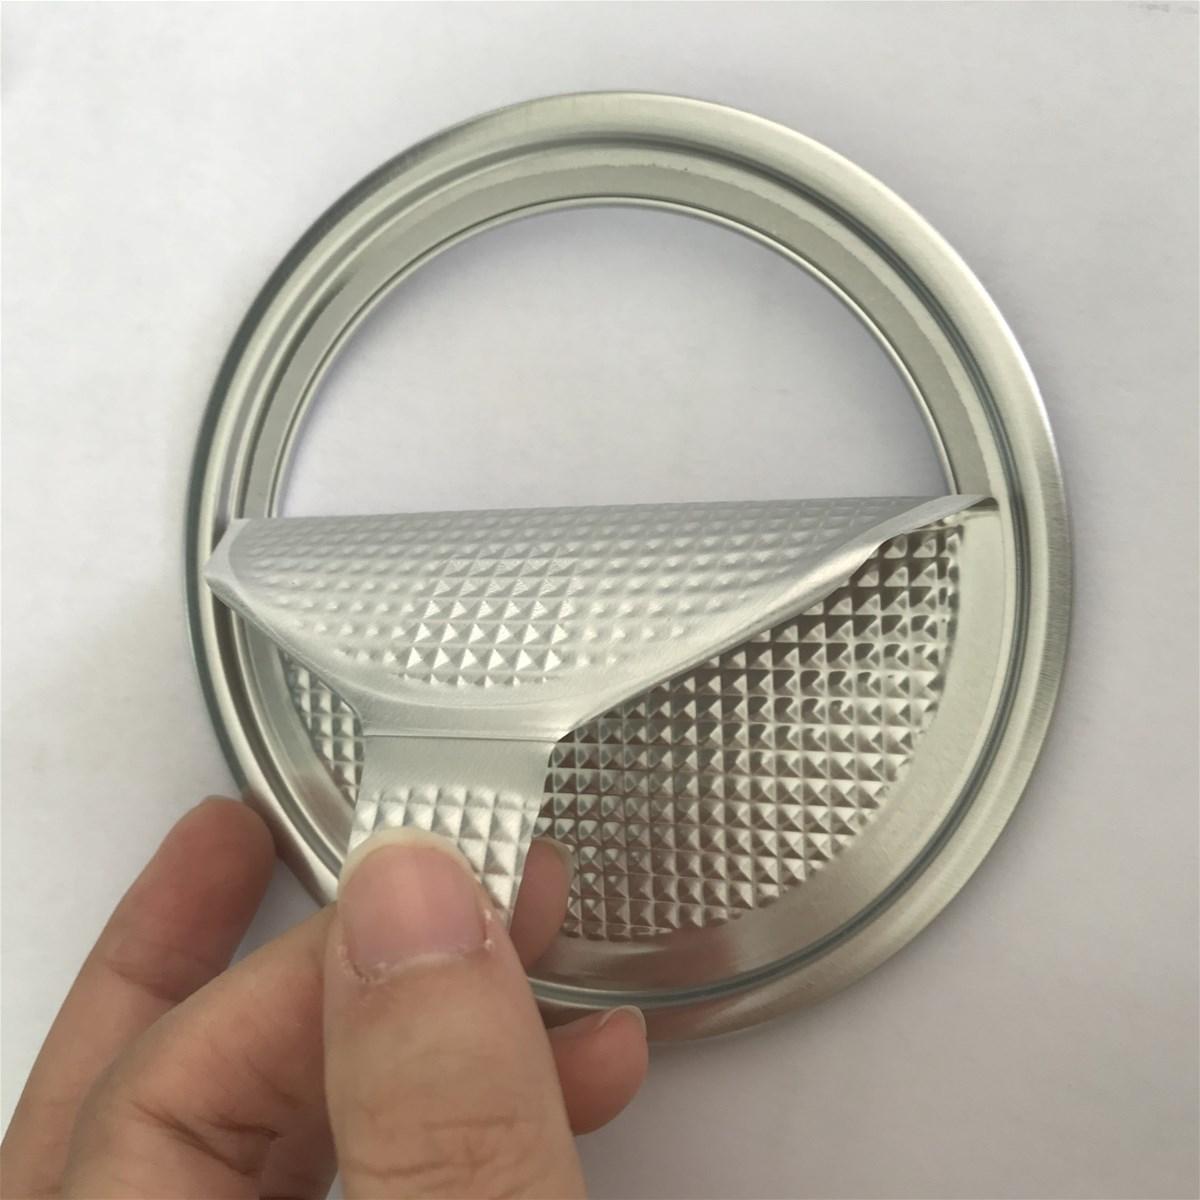 Easy Peelable Ends Peel foil lids EPE